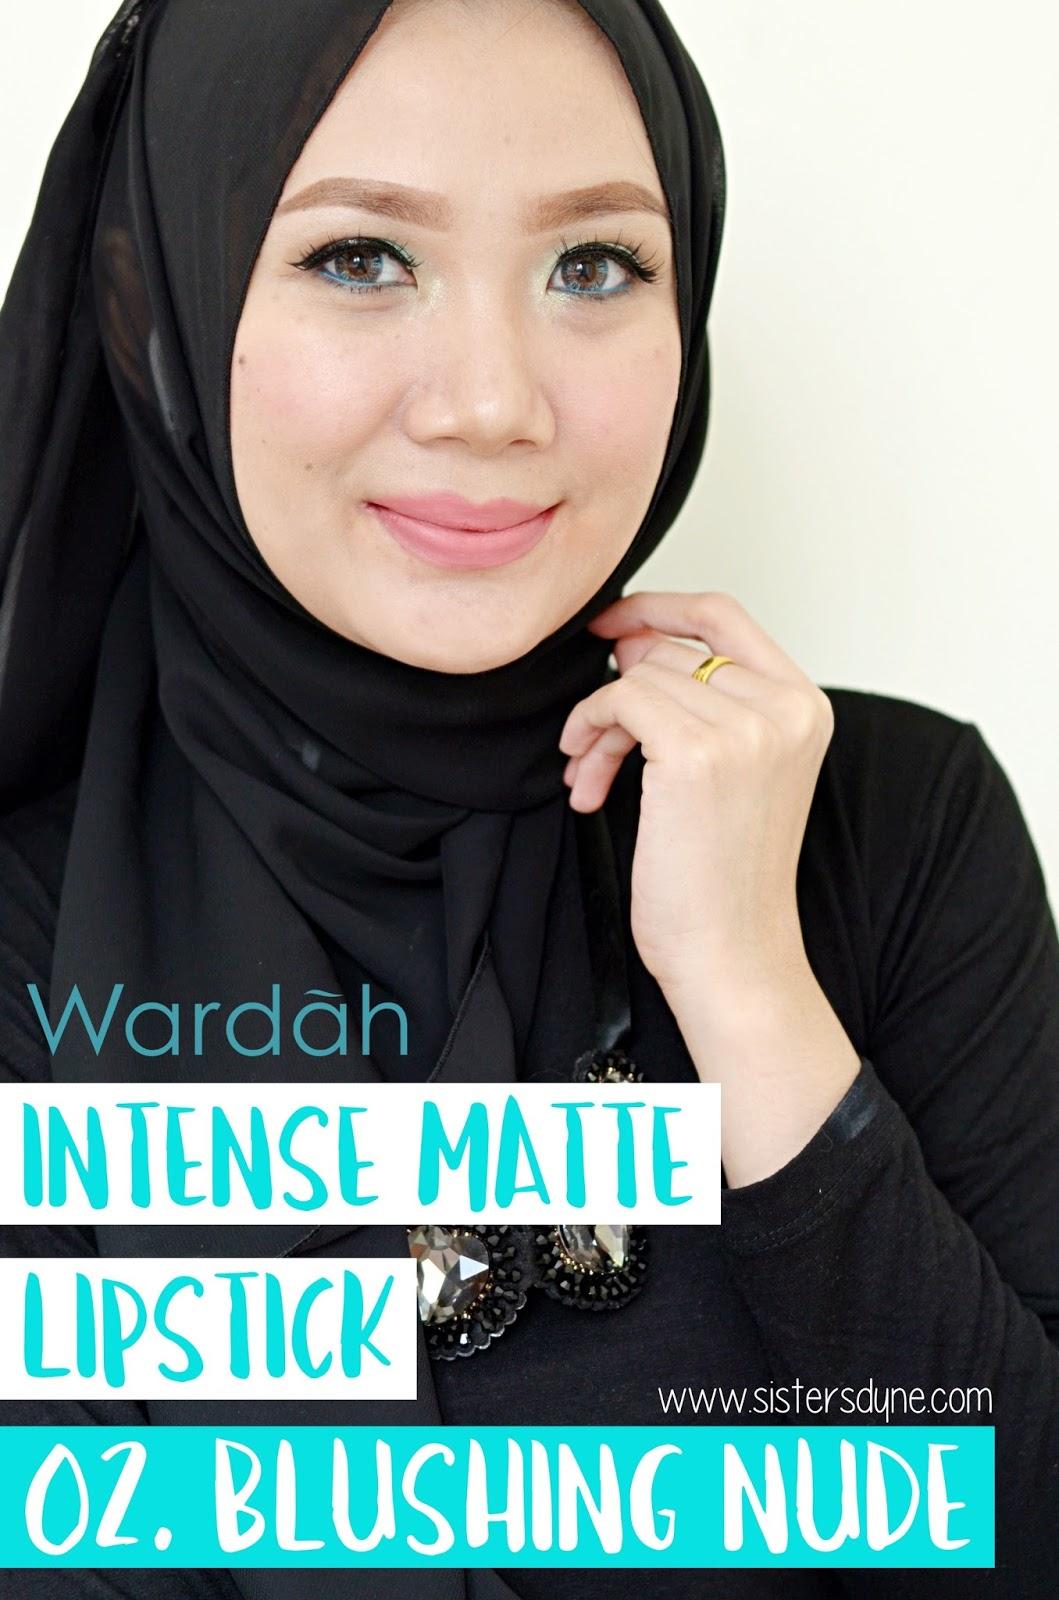 Wardah Intense Matte Lipstick 02 Blushing Nude 25gr Harga Passionate Pink 07 Wradah